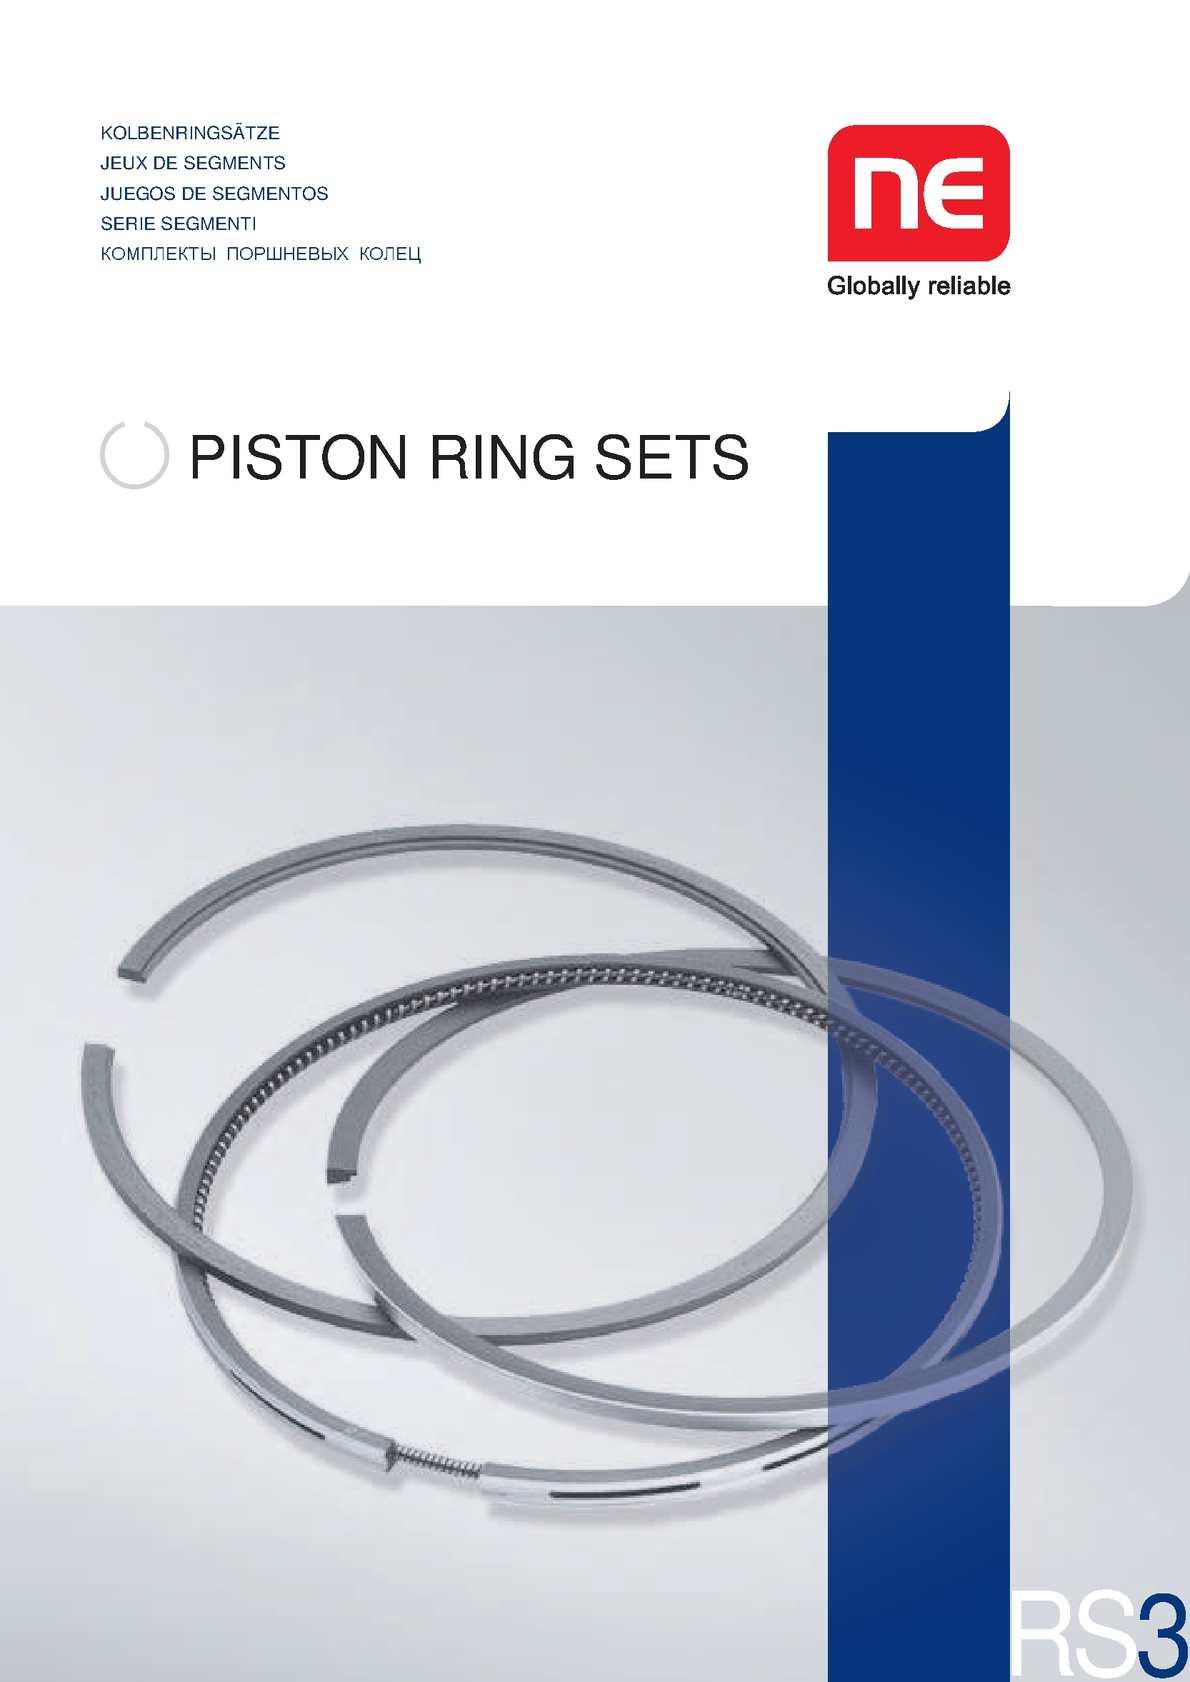 Calamo Aros Npr Piston Rings Europe 325i Wiring Diagram On Daewoo Lanos 2001 Electrical